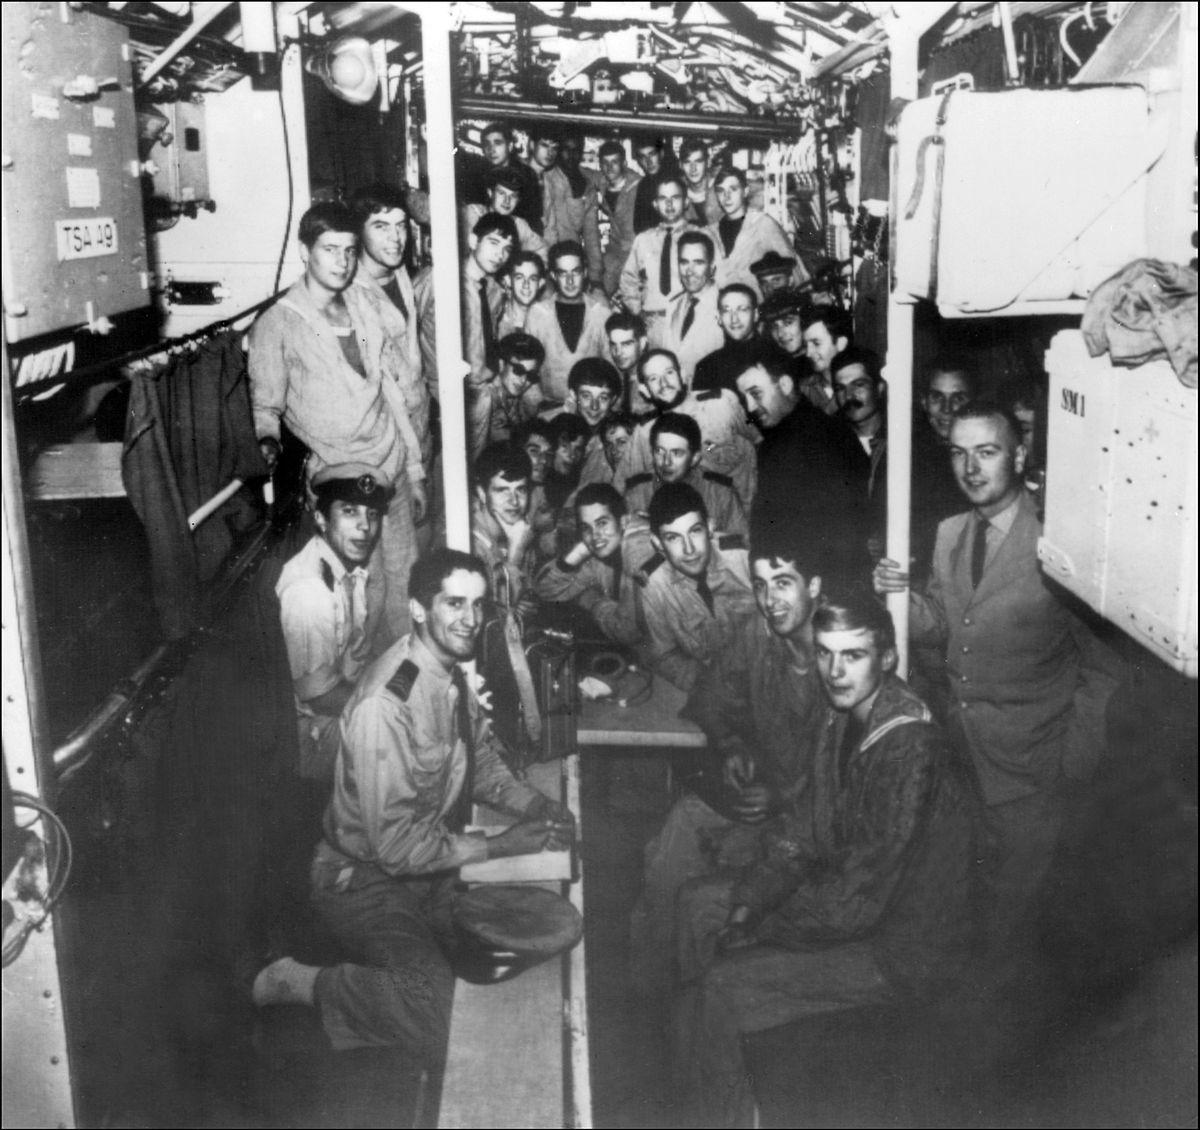 Die Mannschaft der Minerve auf einer Aufnahme aus dem Jahr 1965.